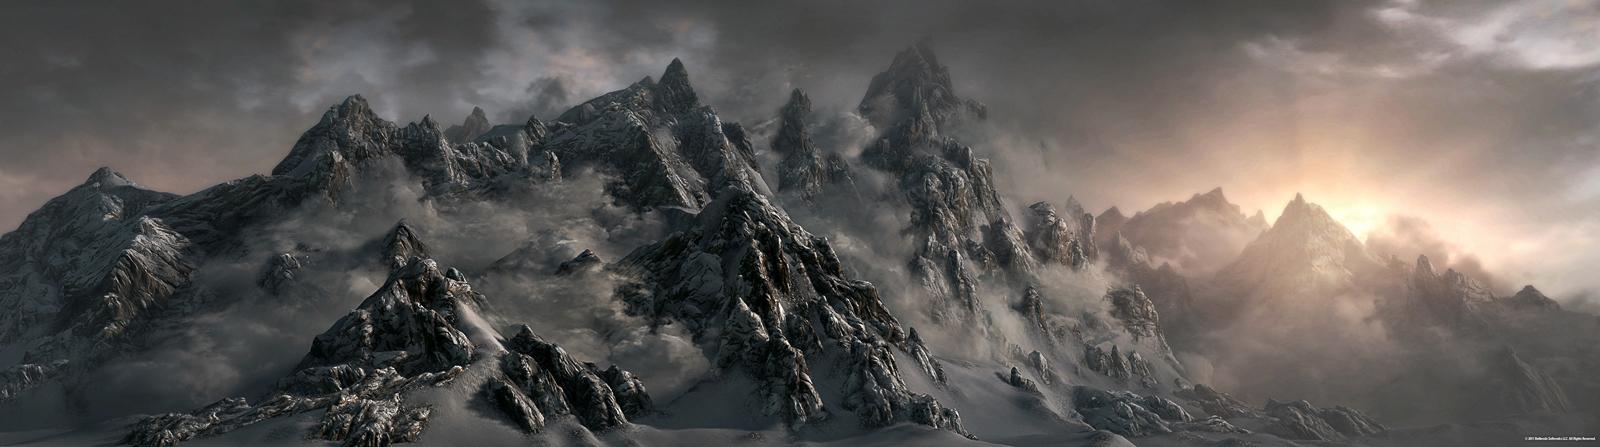 Skyrim Mountains by Minnan2